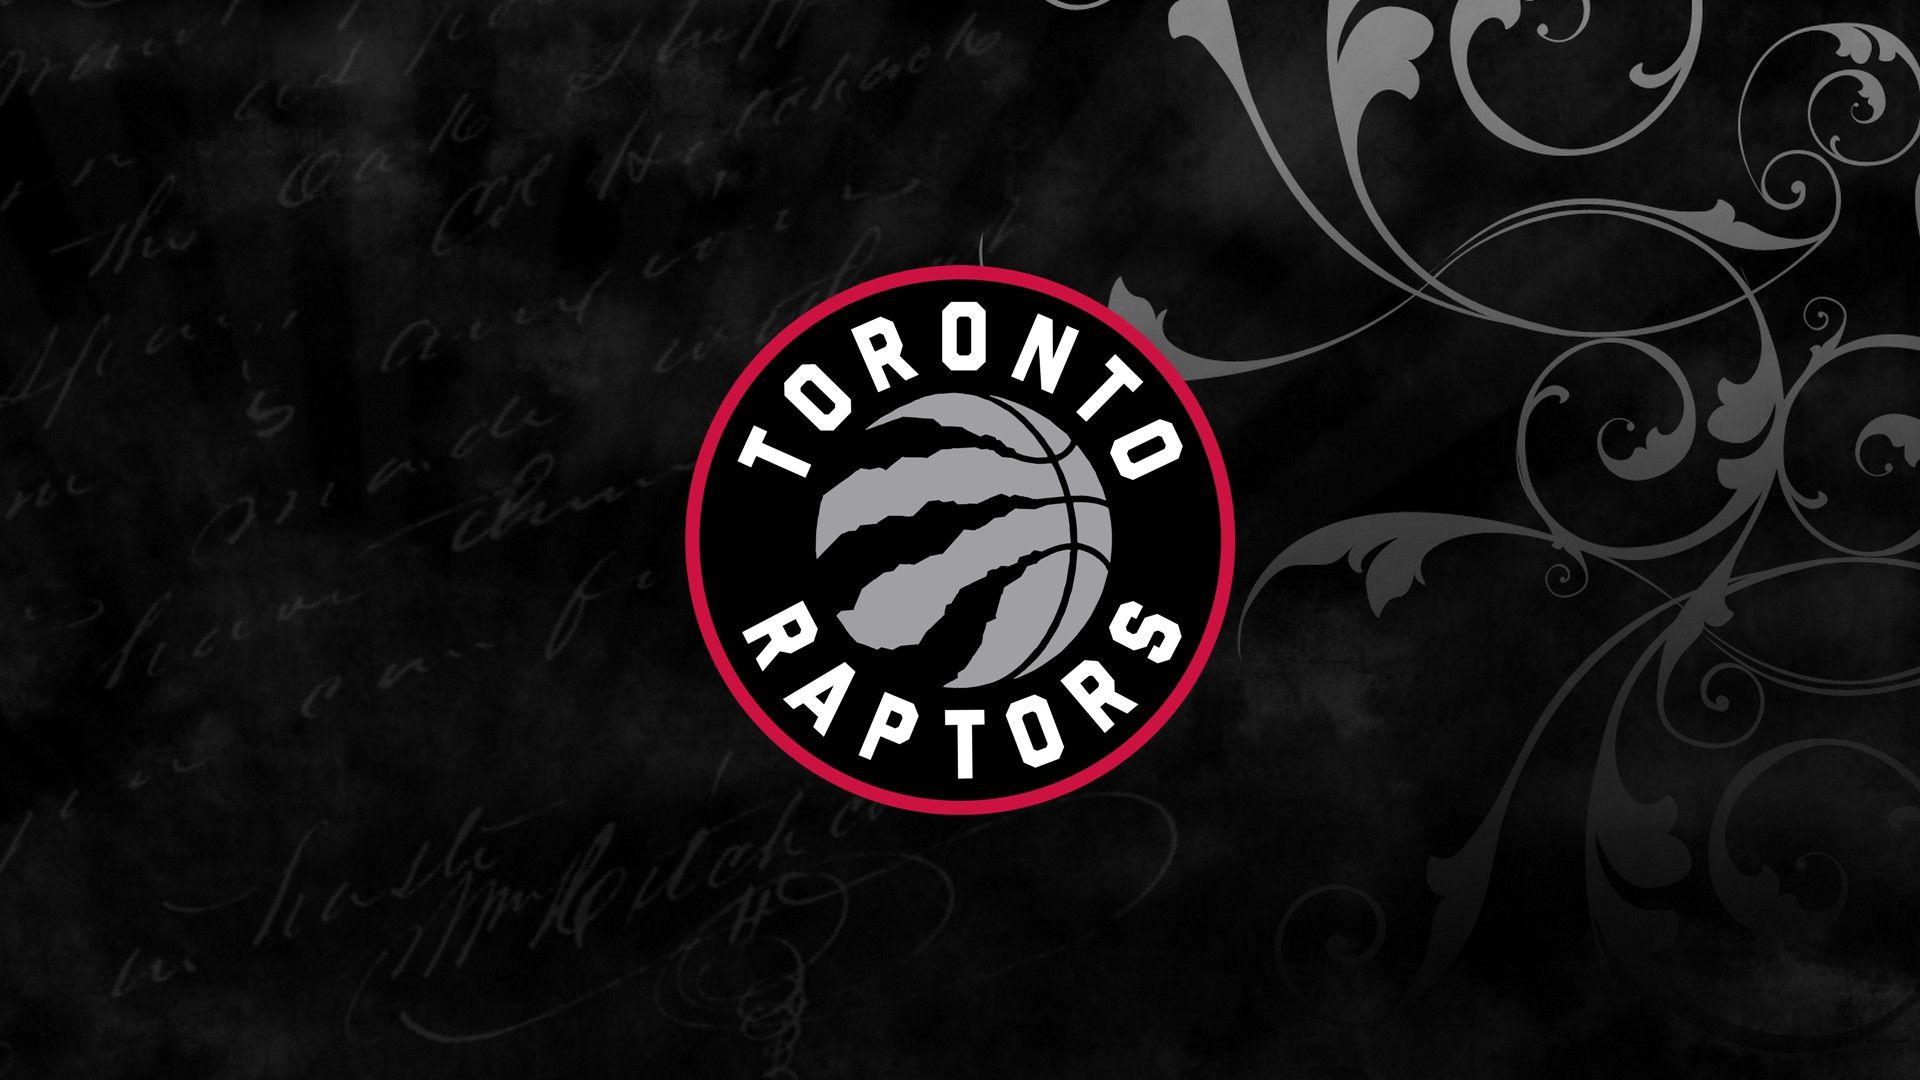 Nba Raptors Desktop Wallpapers 2020 Basketball Wallpaper Basketball Wallpapers Hd Basketball Wallpaper Basketball Anime